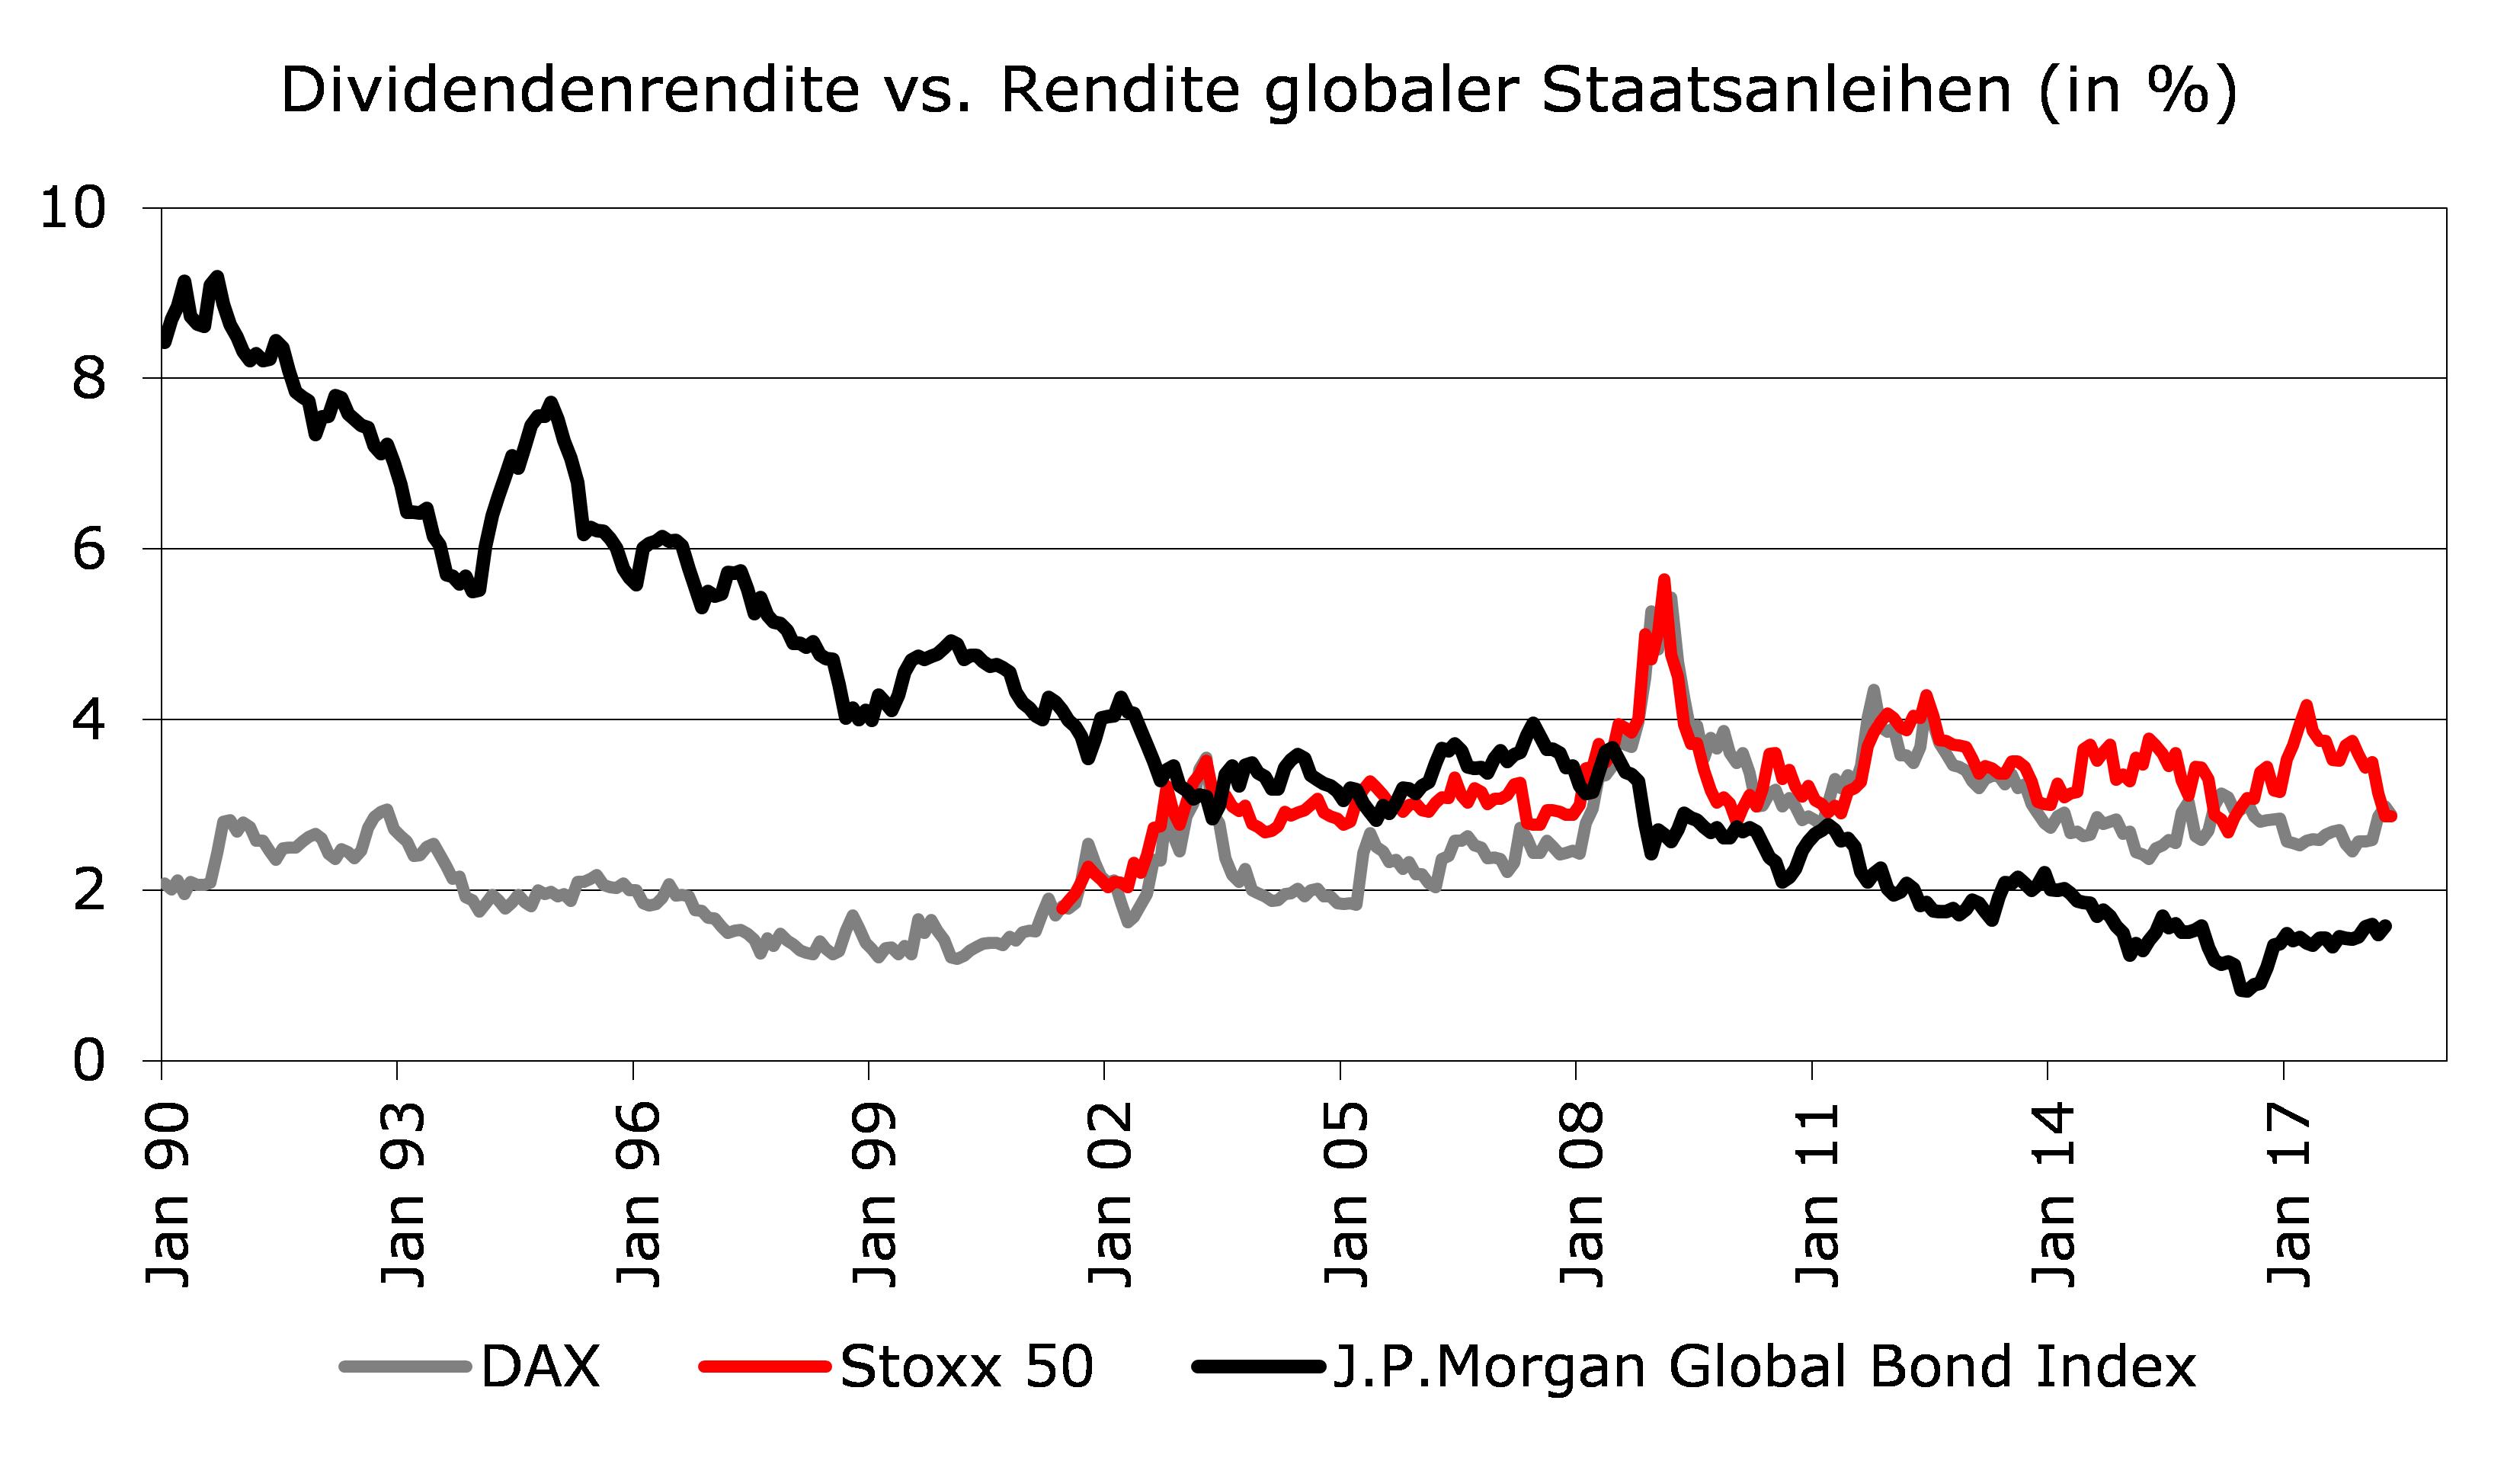 Dividendenrendite versus Rendite globaler Staatsanleihen